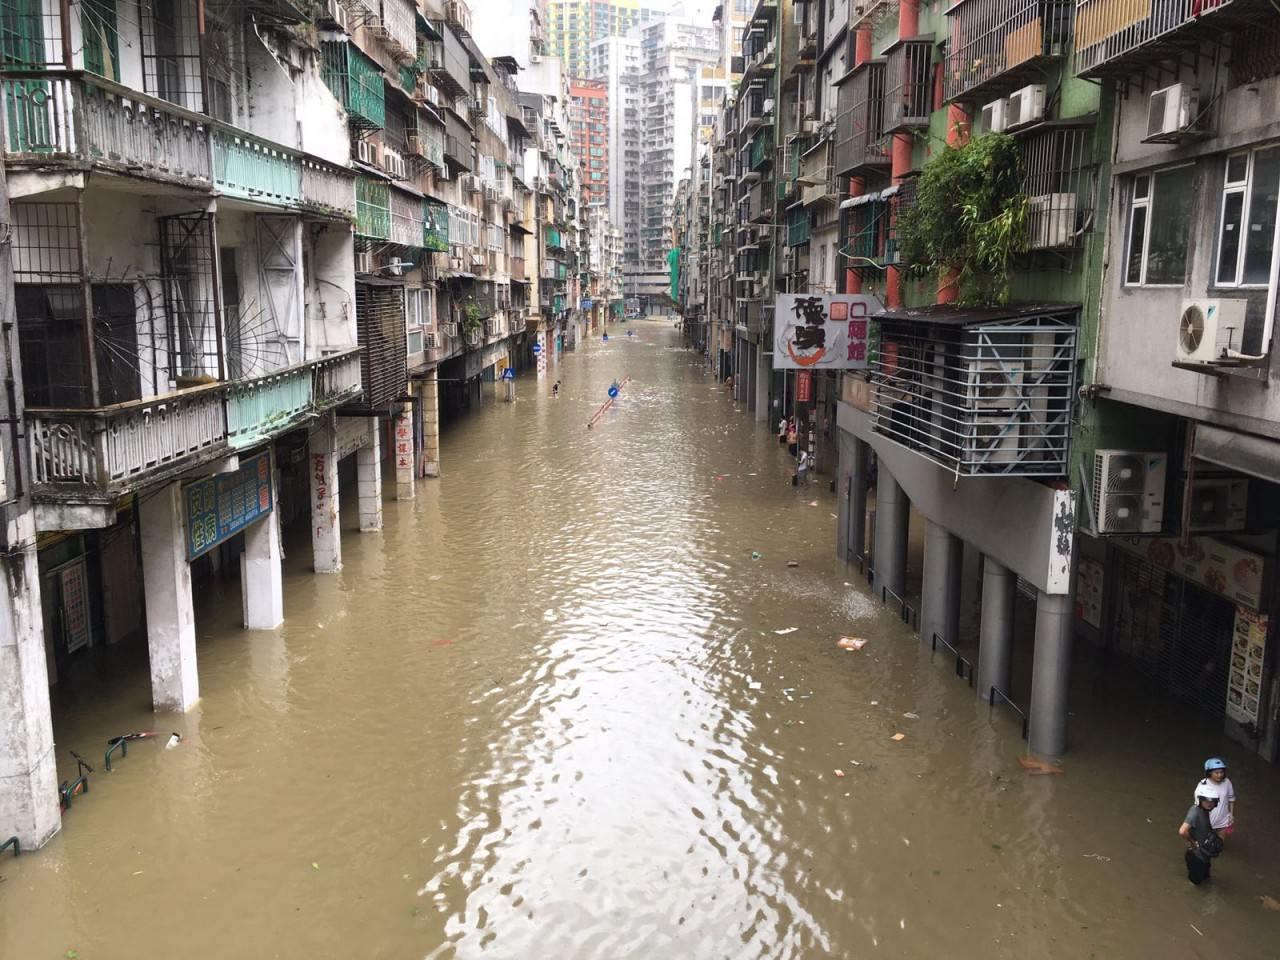 強颱風「天鴿」吹襲後,澳門許多街道淪為澤國。(資料圖片)